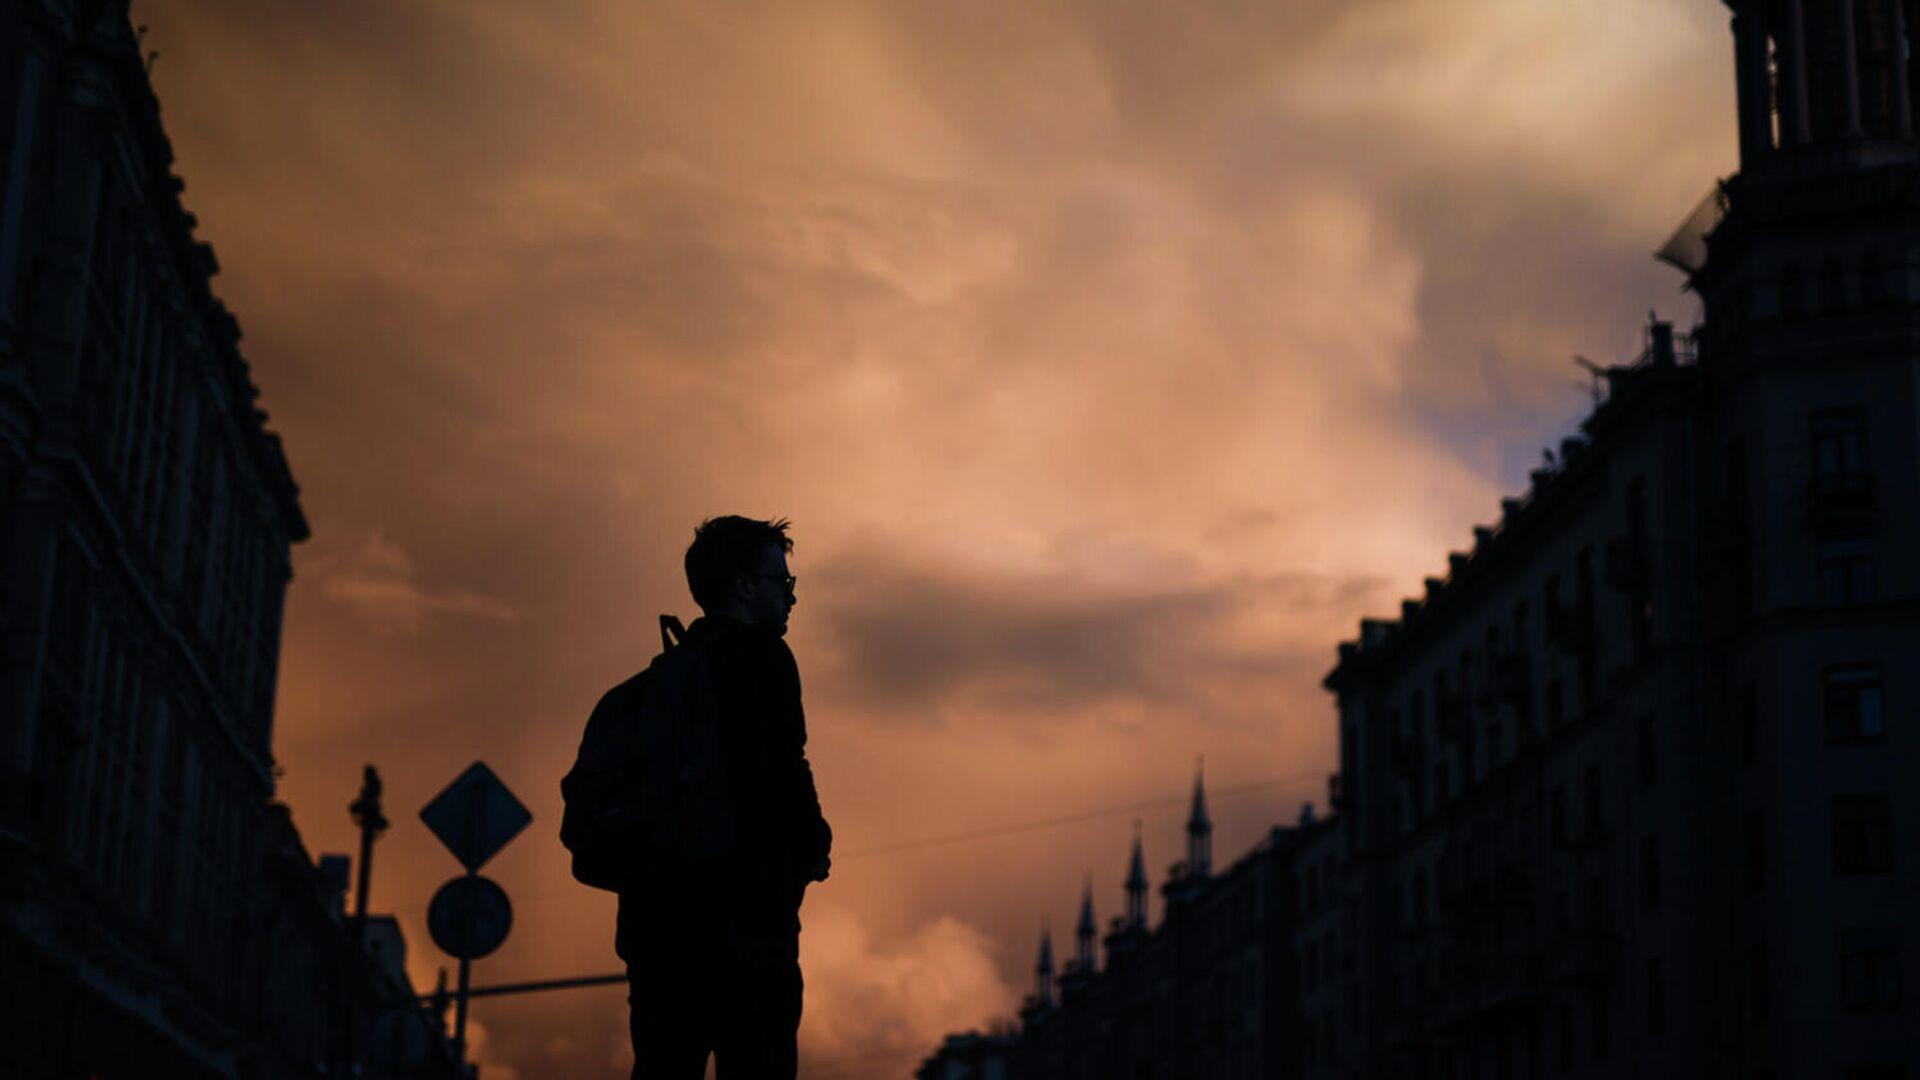 Молодой человек на Тверской улице в Москве - РИА Новости, 1920, 12.09.2020